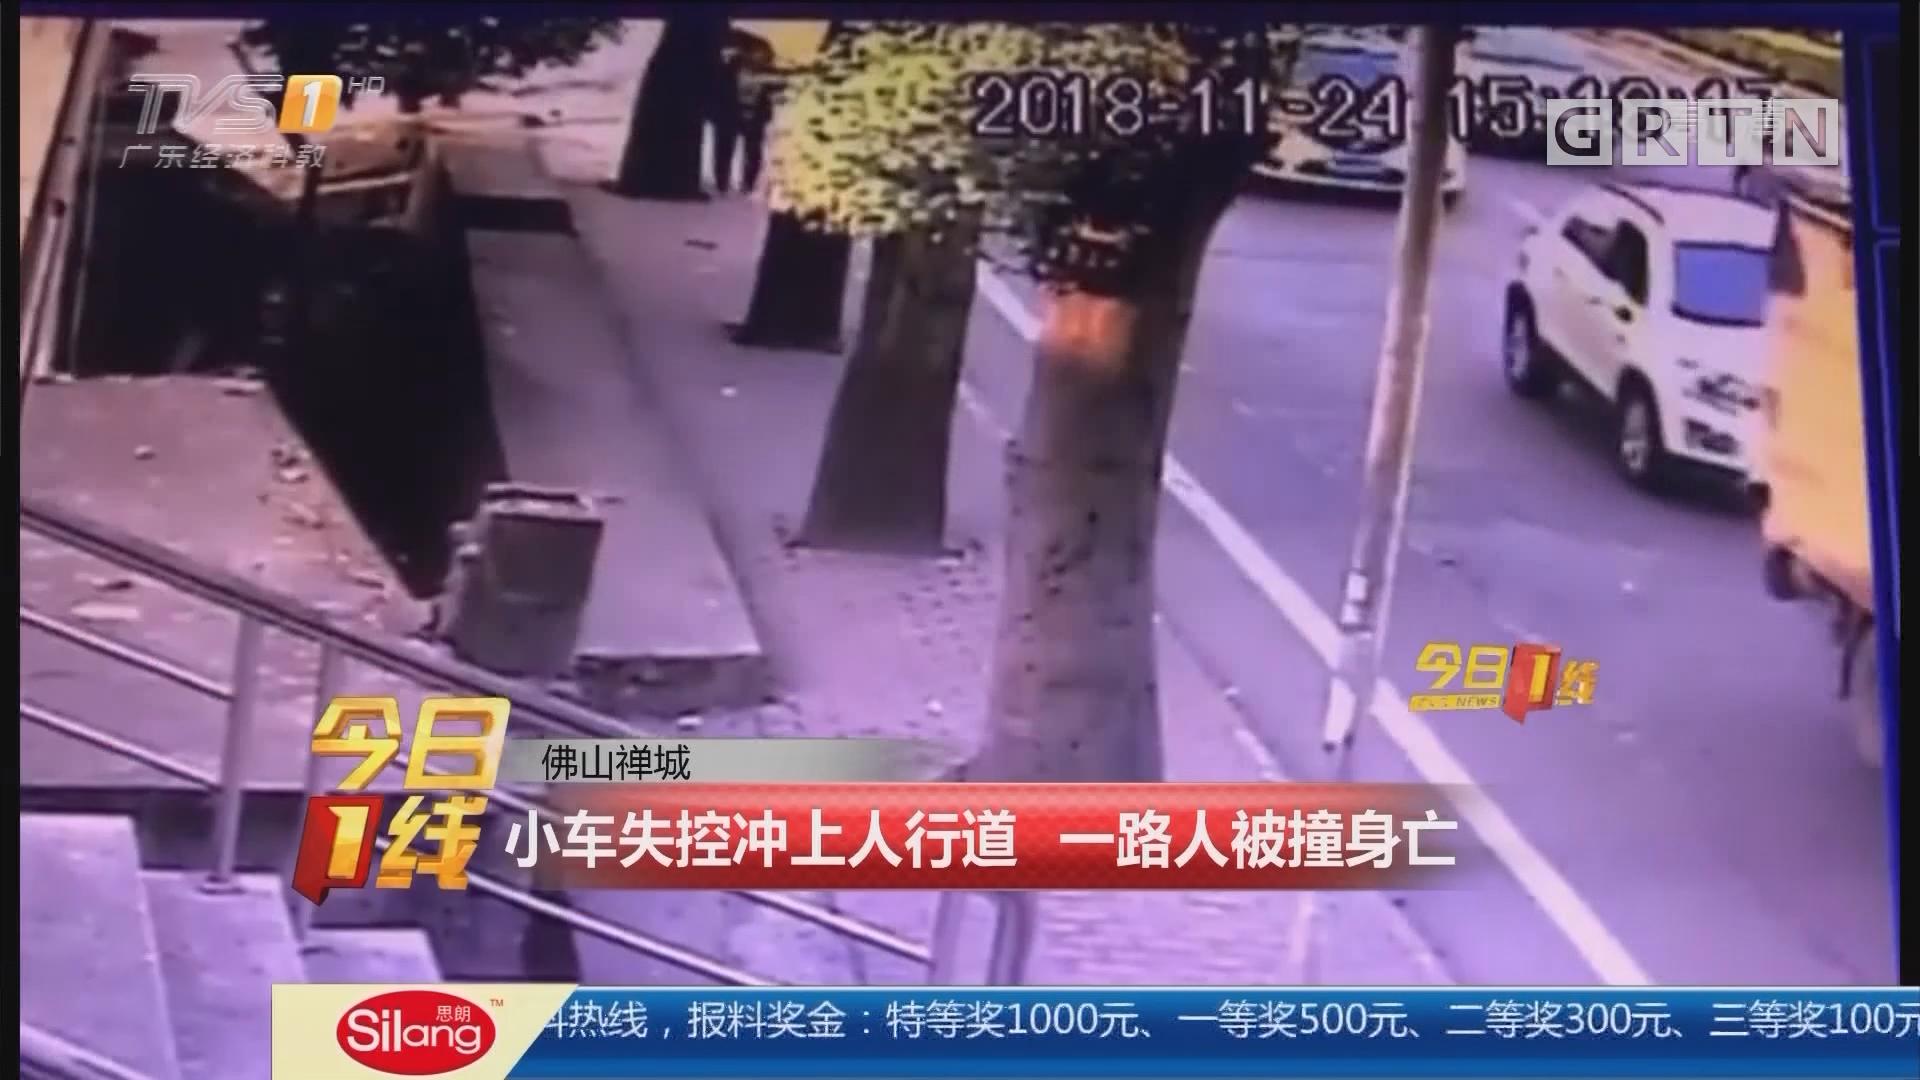 佛山禅城:小车失控冲上人行道 一路人被撞身亡